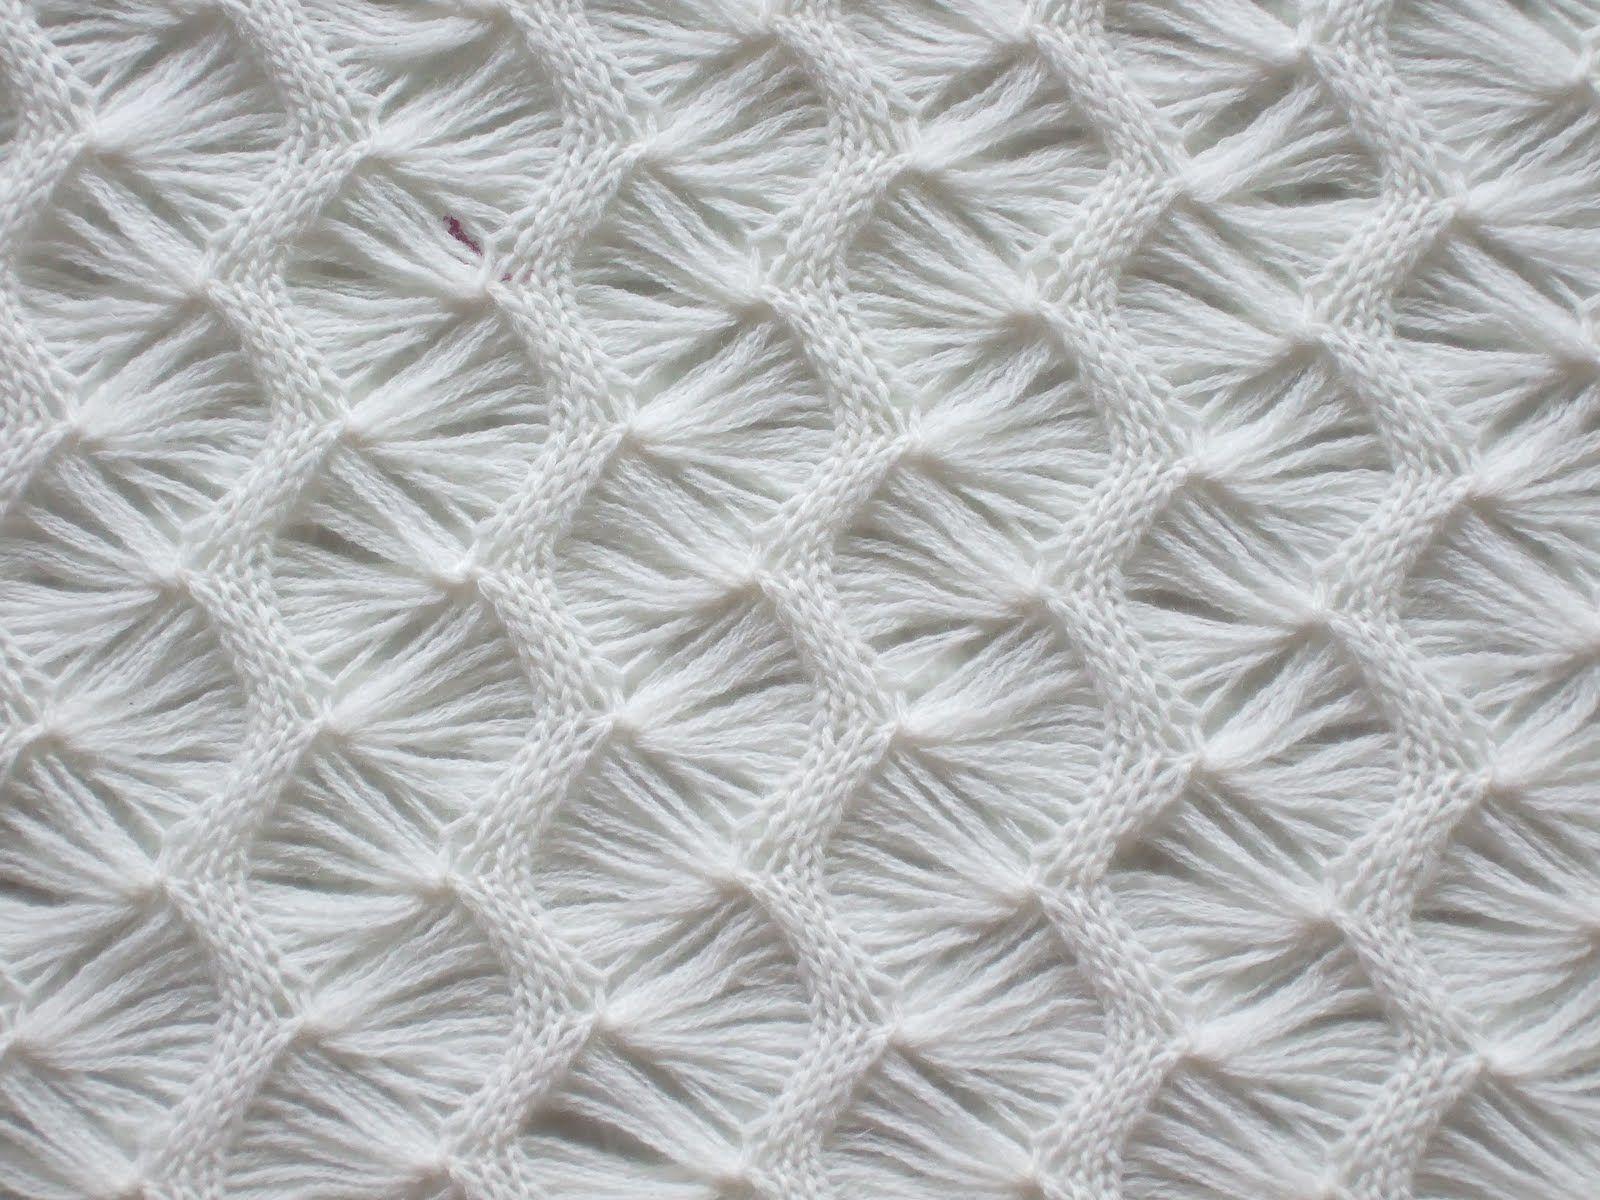 Pin by Nalan Kahraman on Knitting | Pinterest | Knitting patterns ...